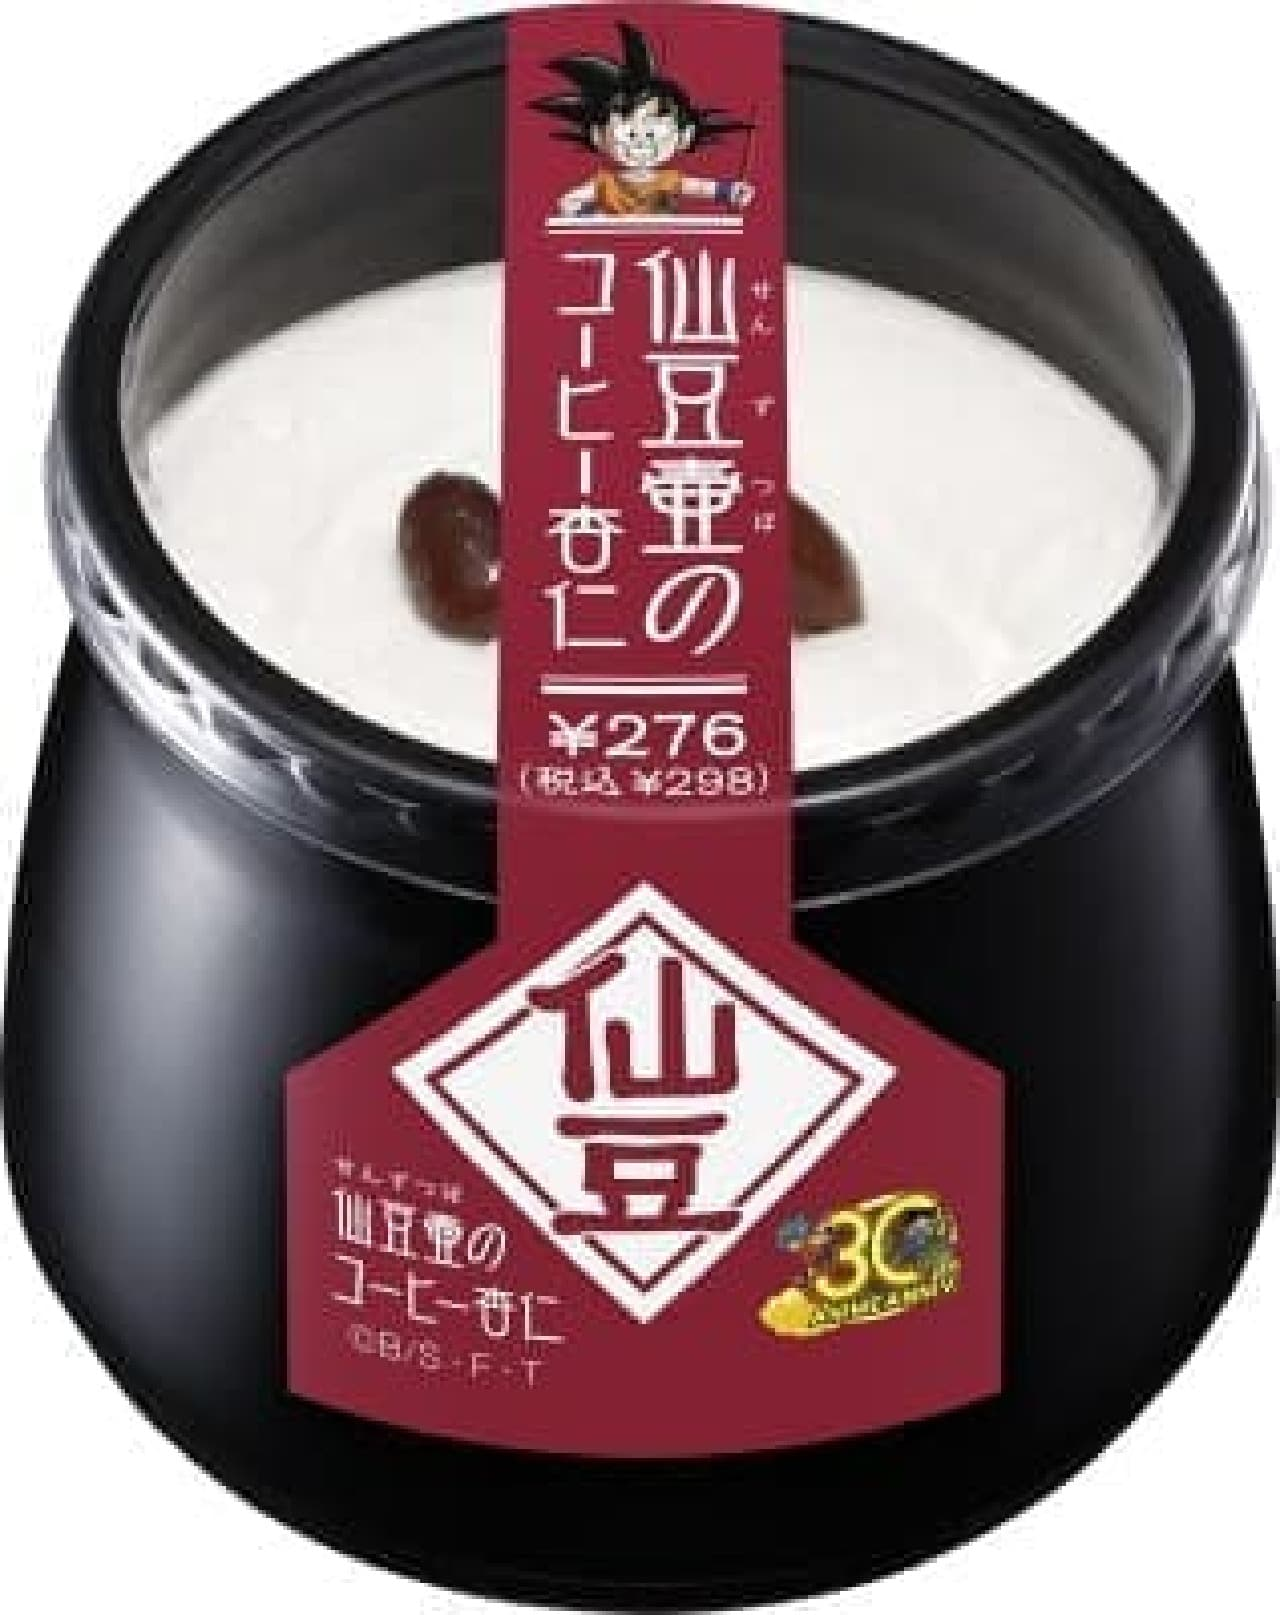 サークルKサンクス 夏のドラゴンボールフェア 仙豆壺のコーヒー杏仁